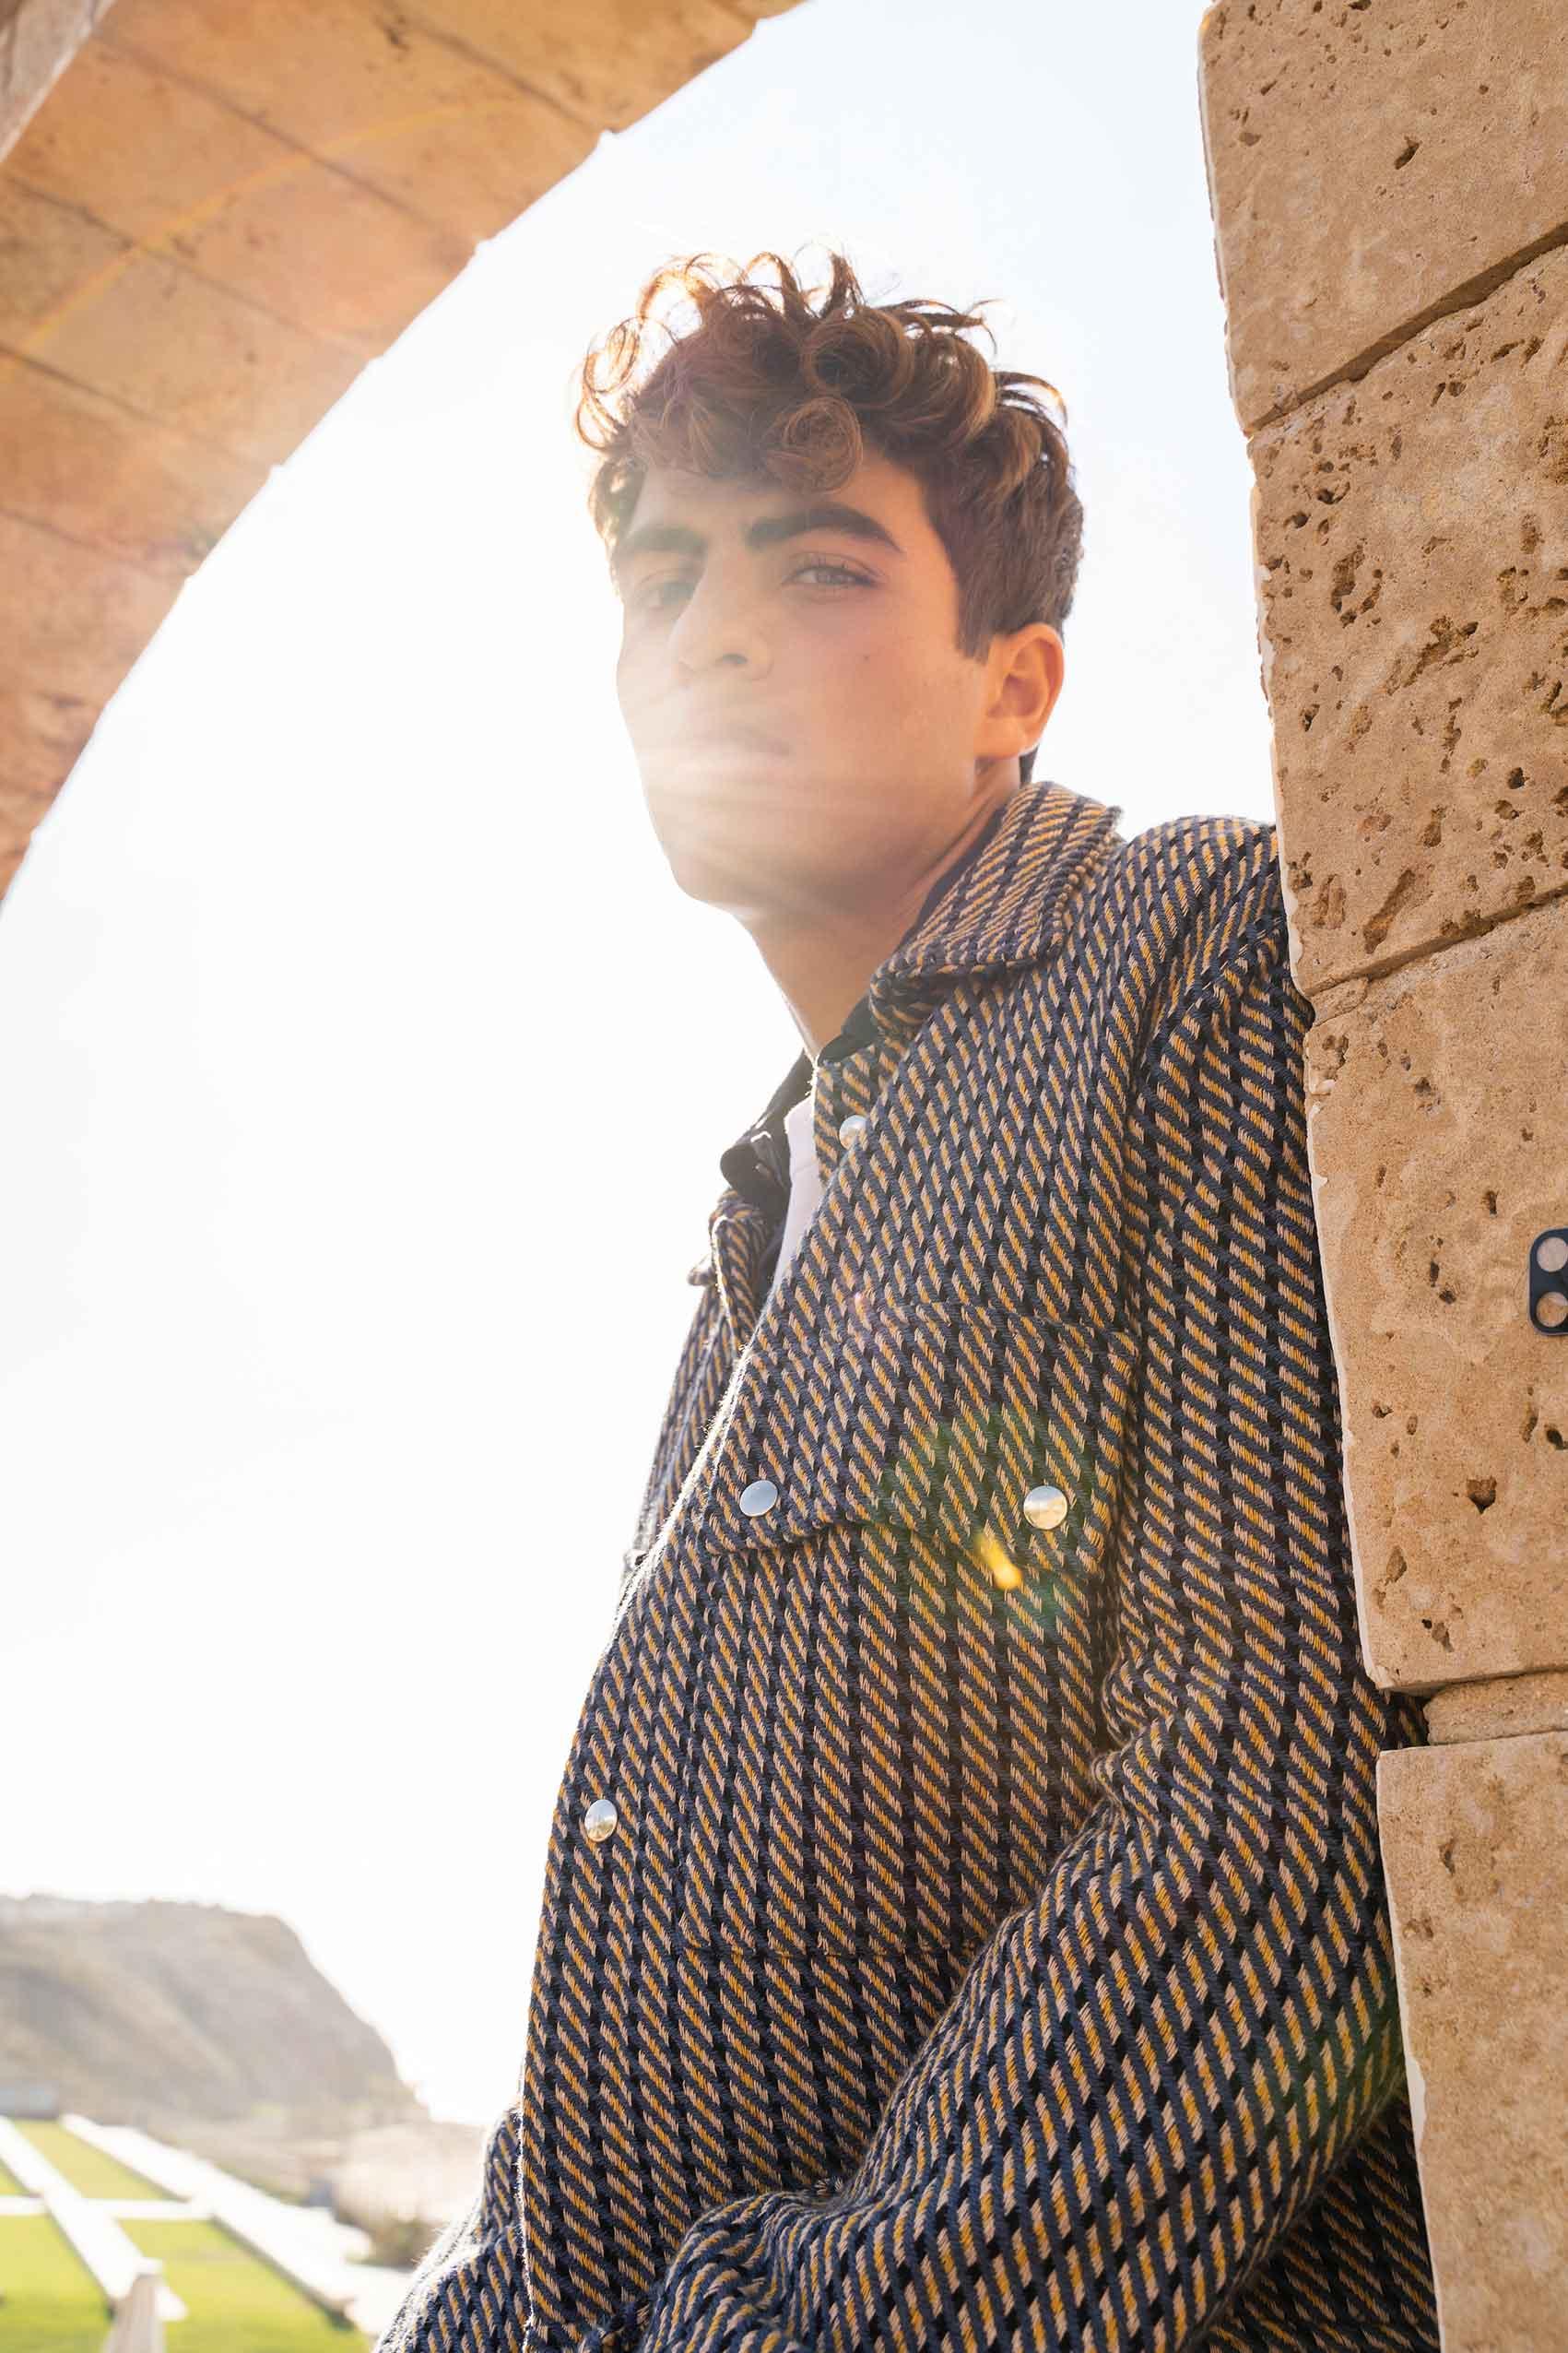 יהל-כהן- הפקות אופנה-מגזין אופנה-אופנת גברים